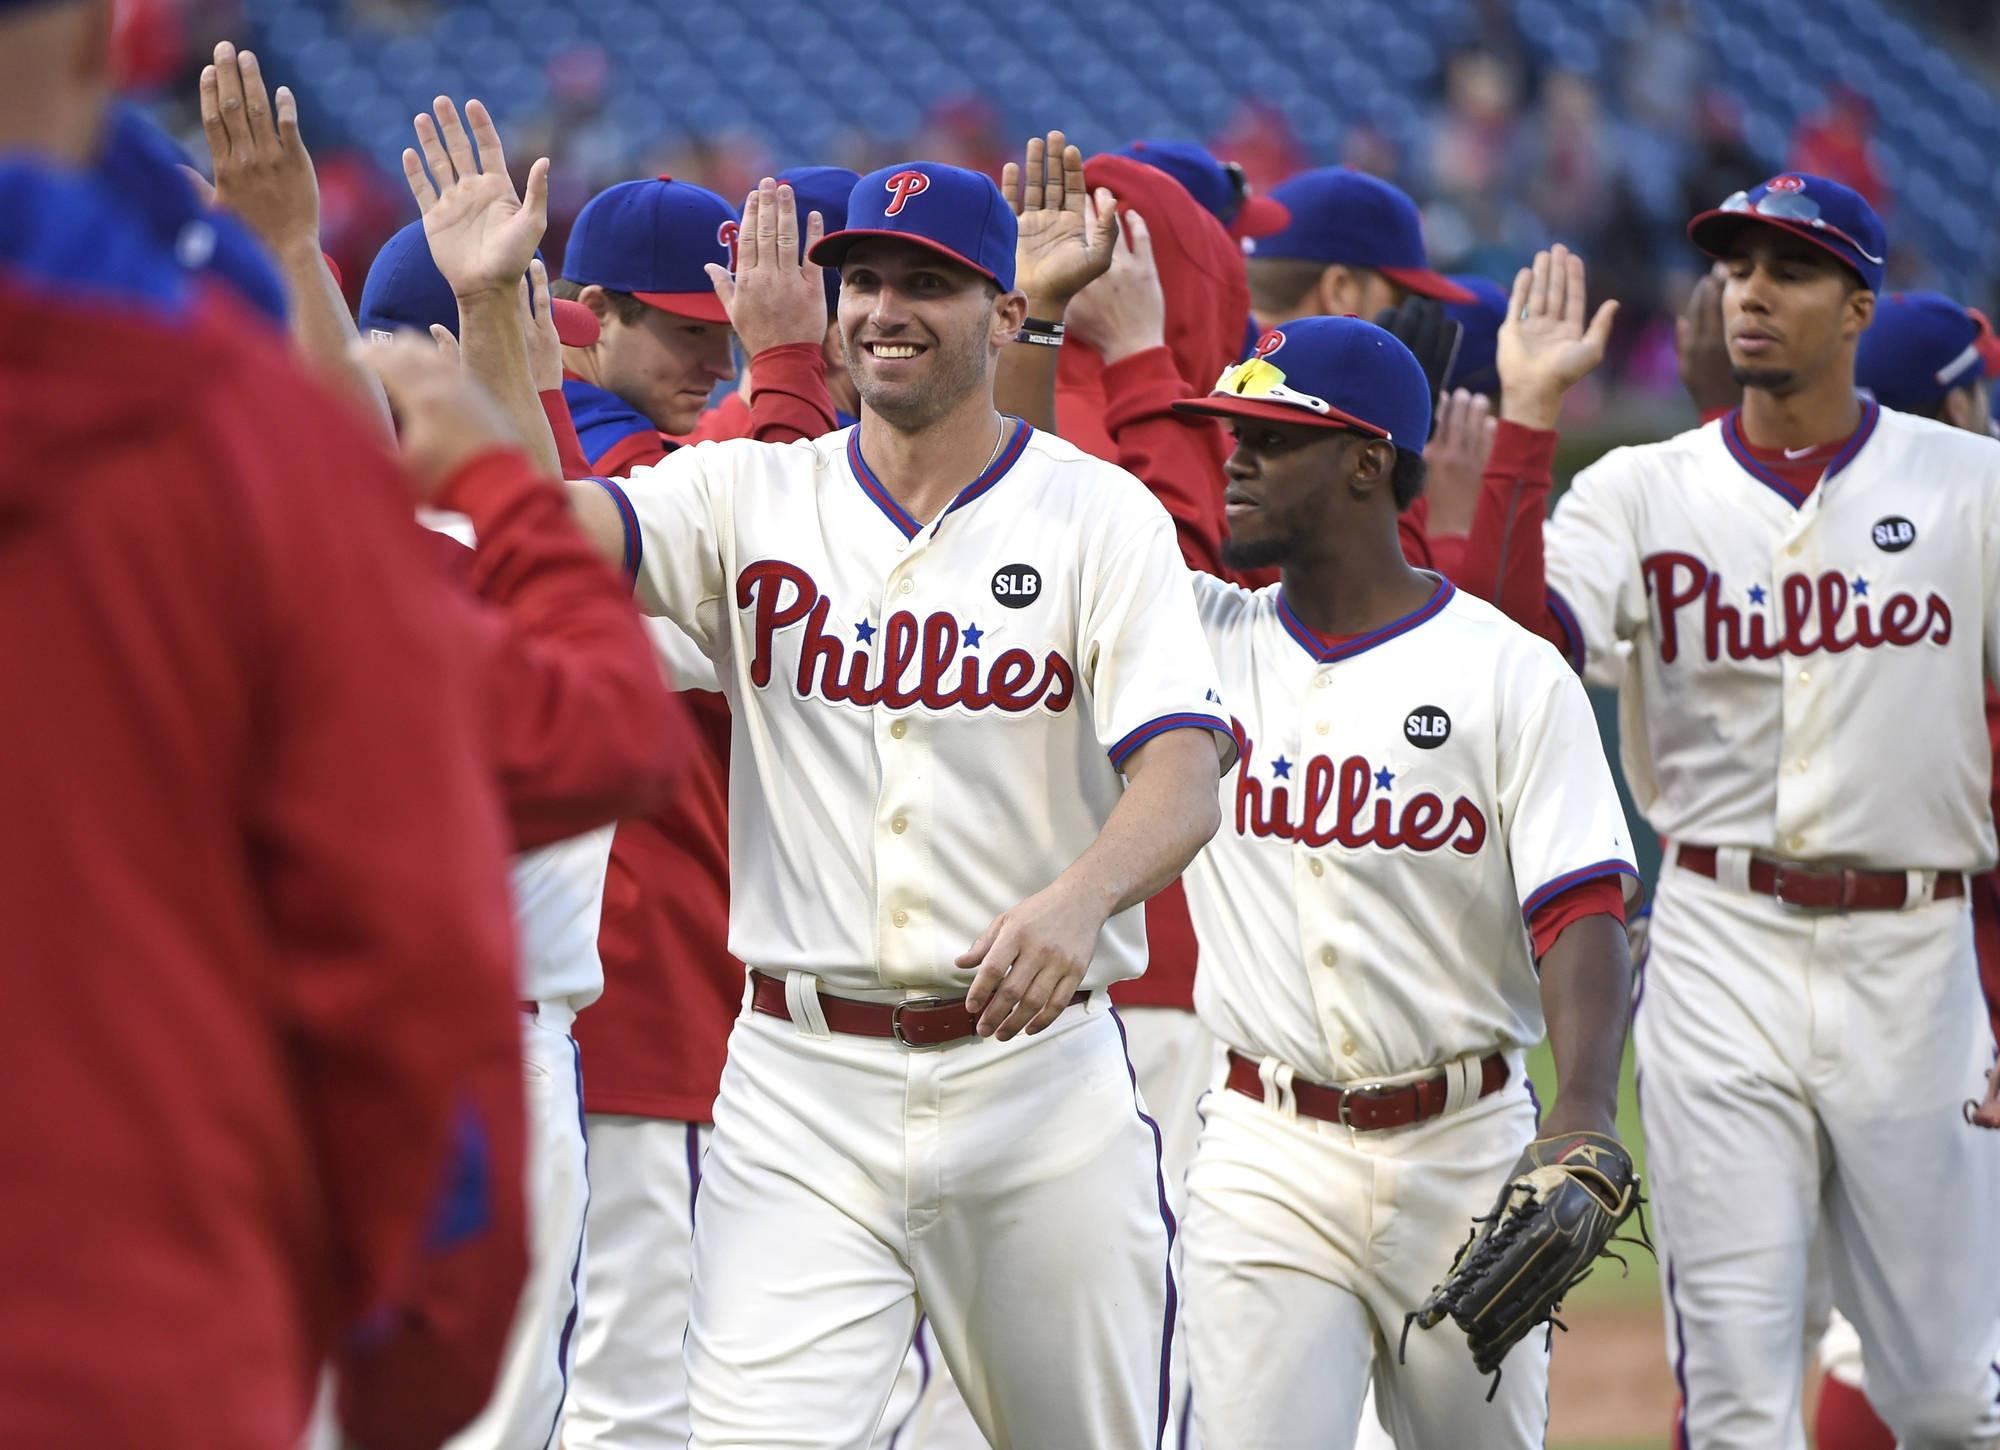 Pictures Of Philadelphia Phillies